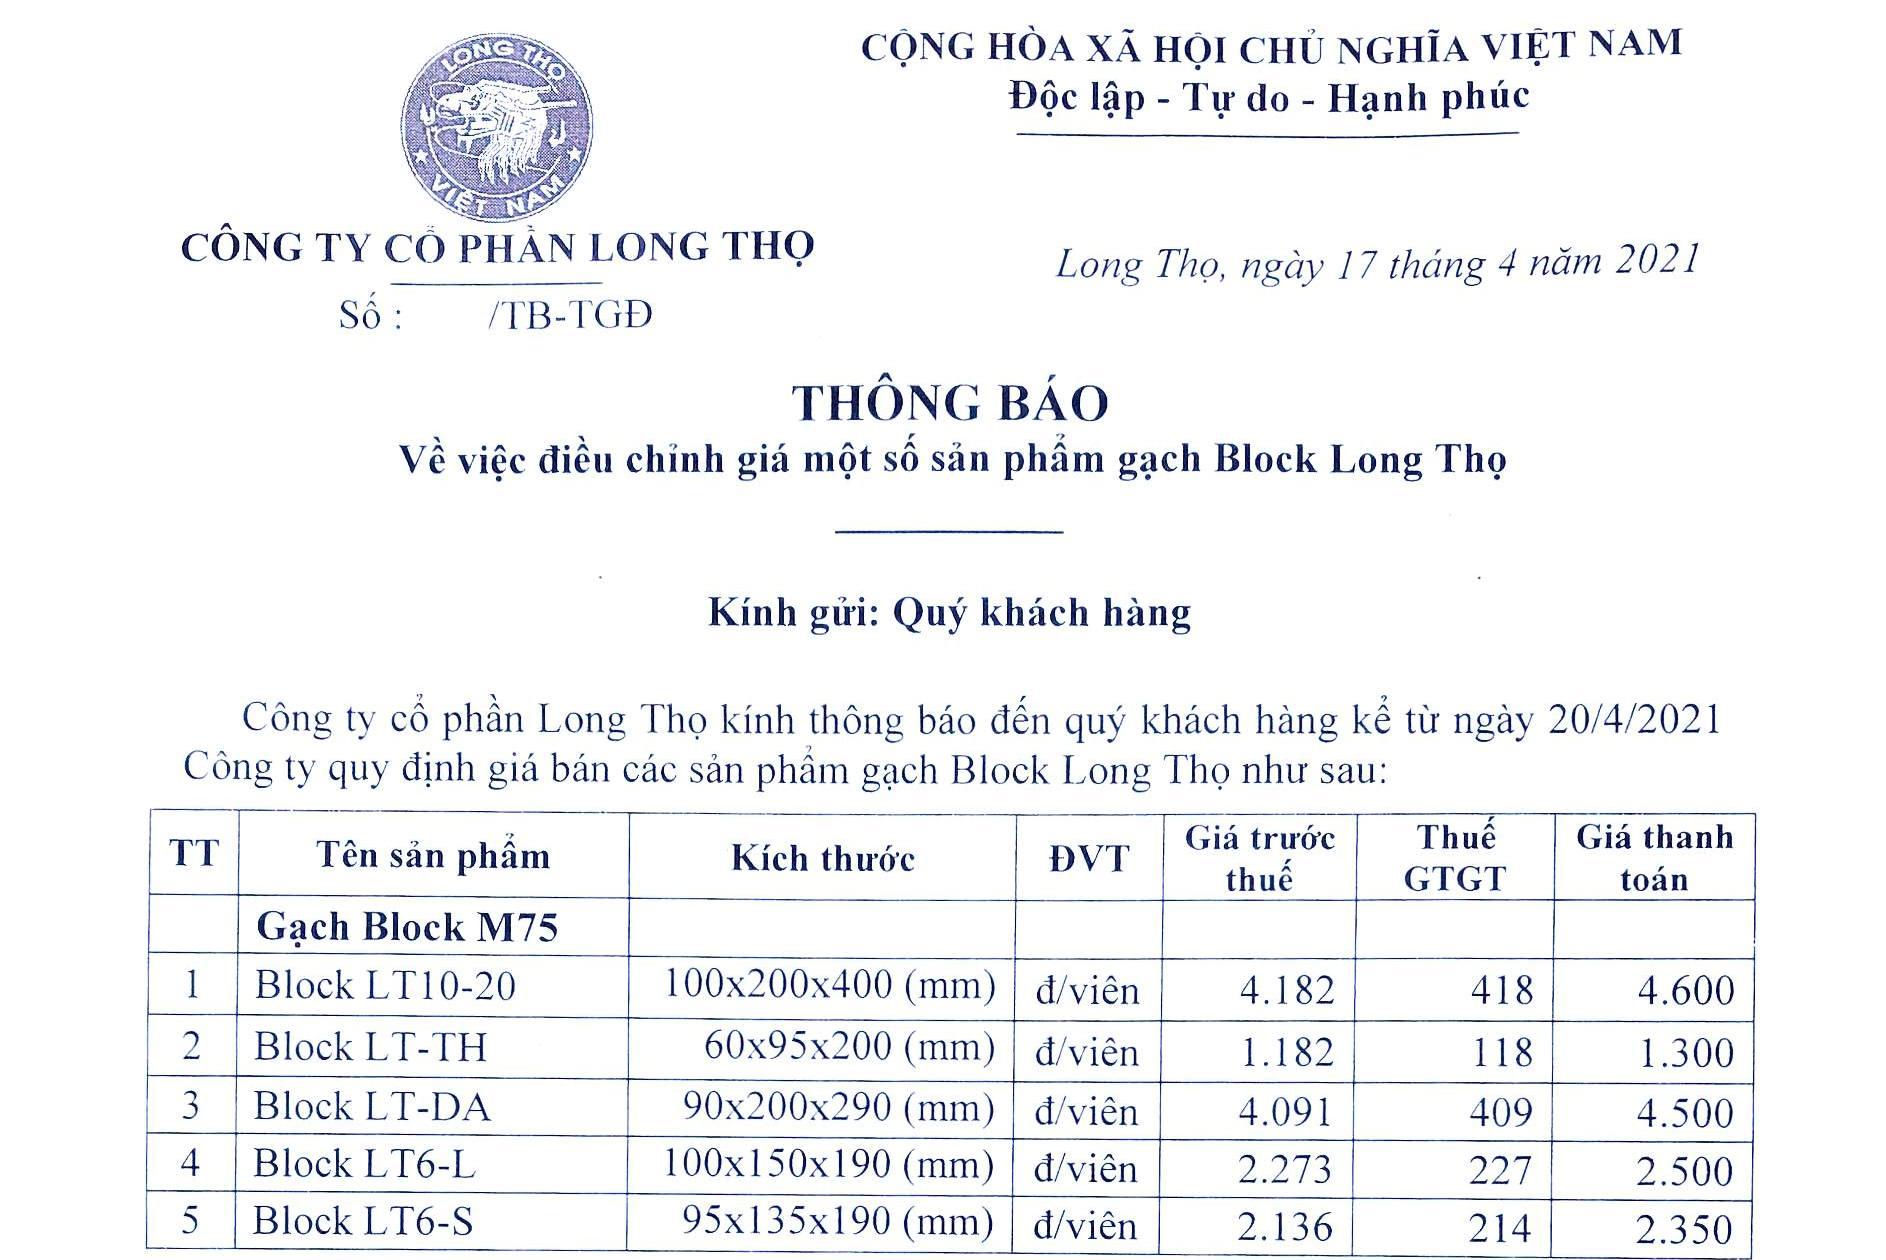 Thông báo về việc điều chỉnh giá một số sản phẩm gạch Block Long Thọ từ ngày 20.4.2021